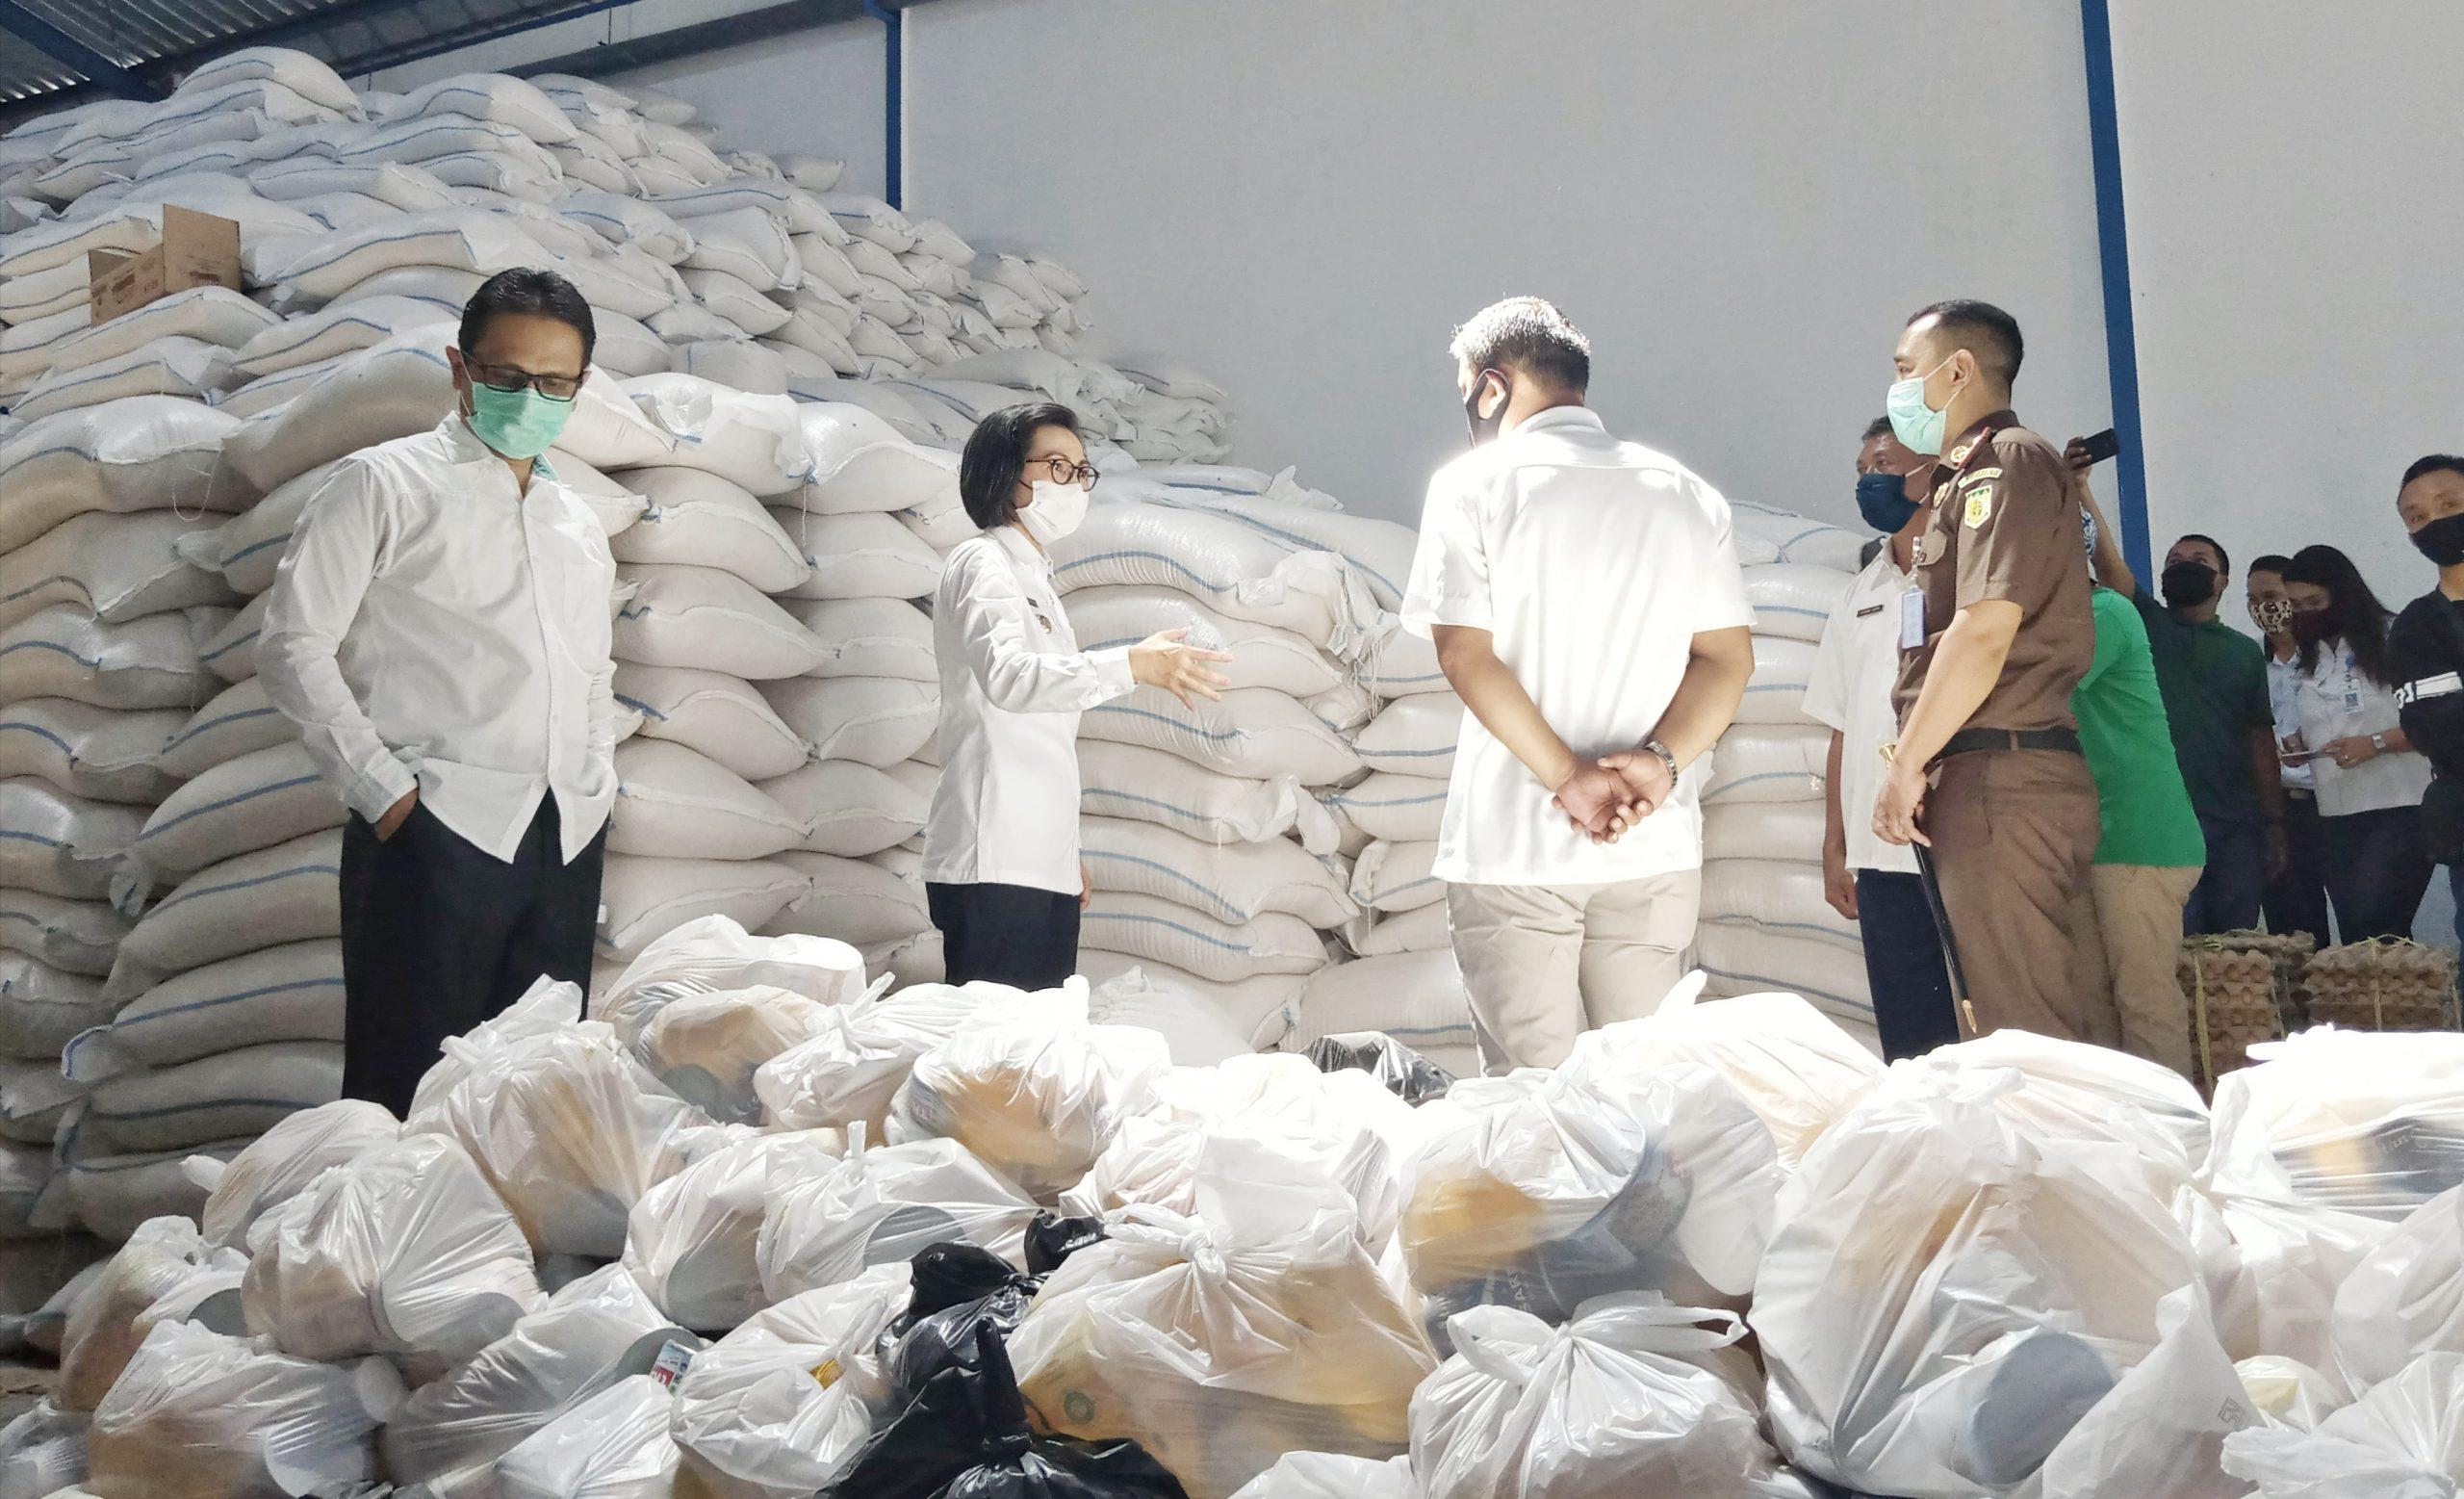 Masyarakat Bolmong Akan Terima Bantuan Paket Sembako Selama 9 Bulan